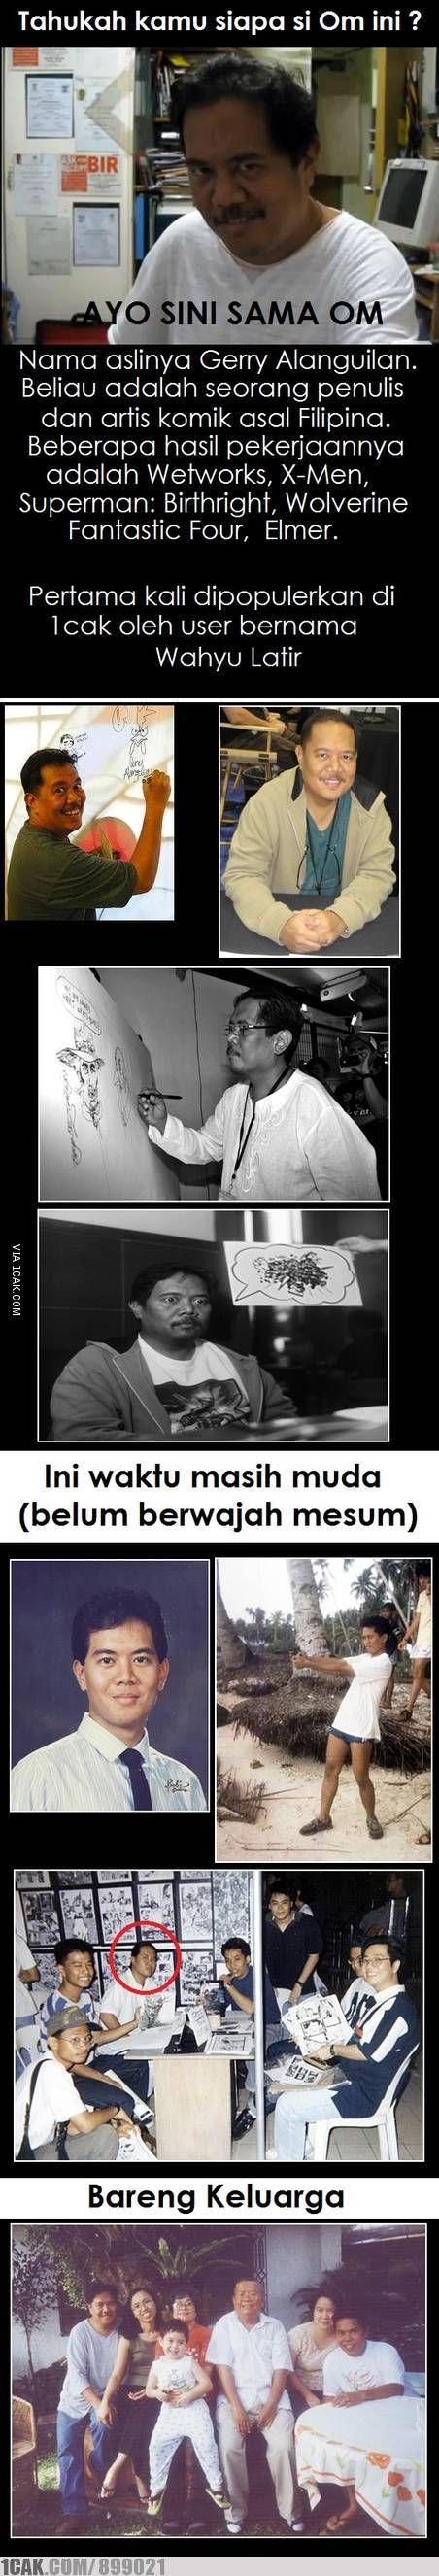 17 Beste Ideen Over Meme Indonesia Op Pinterest Islam Moslim